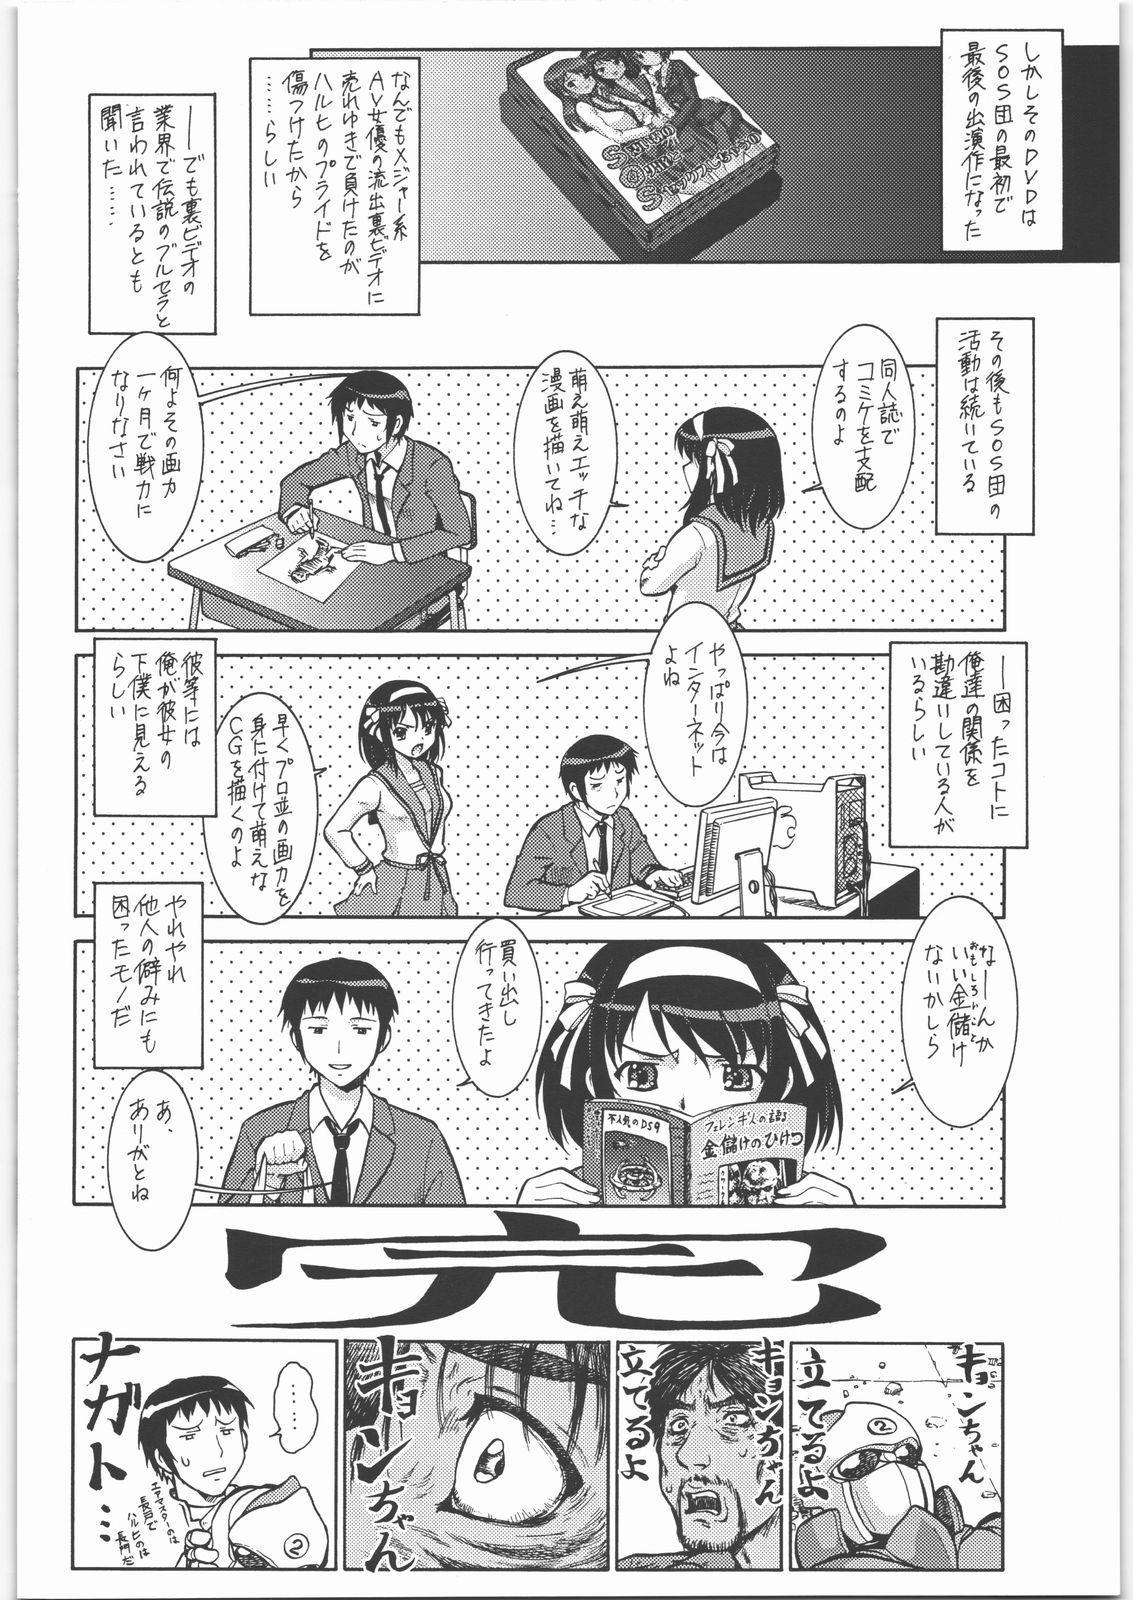 Hayari ni binjou shite Suzumiya Haruhi to yukai na nakamatachi wo yarudake de mouketai akudokuhon 14